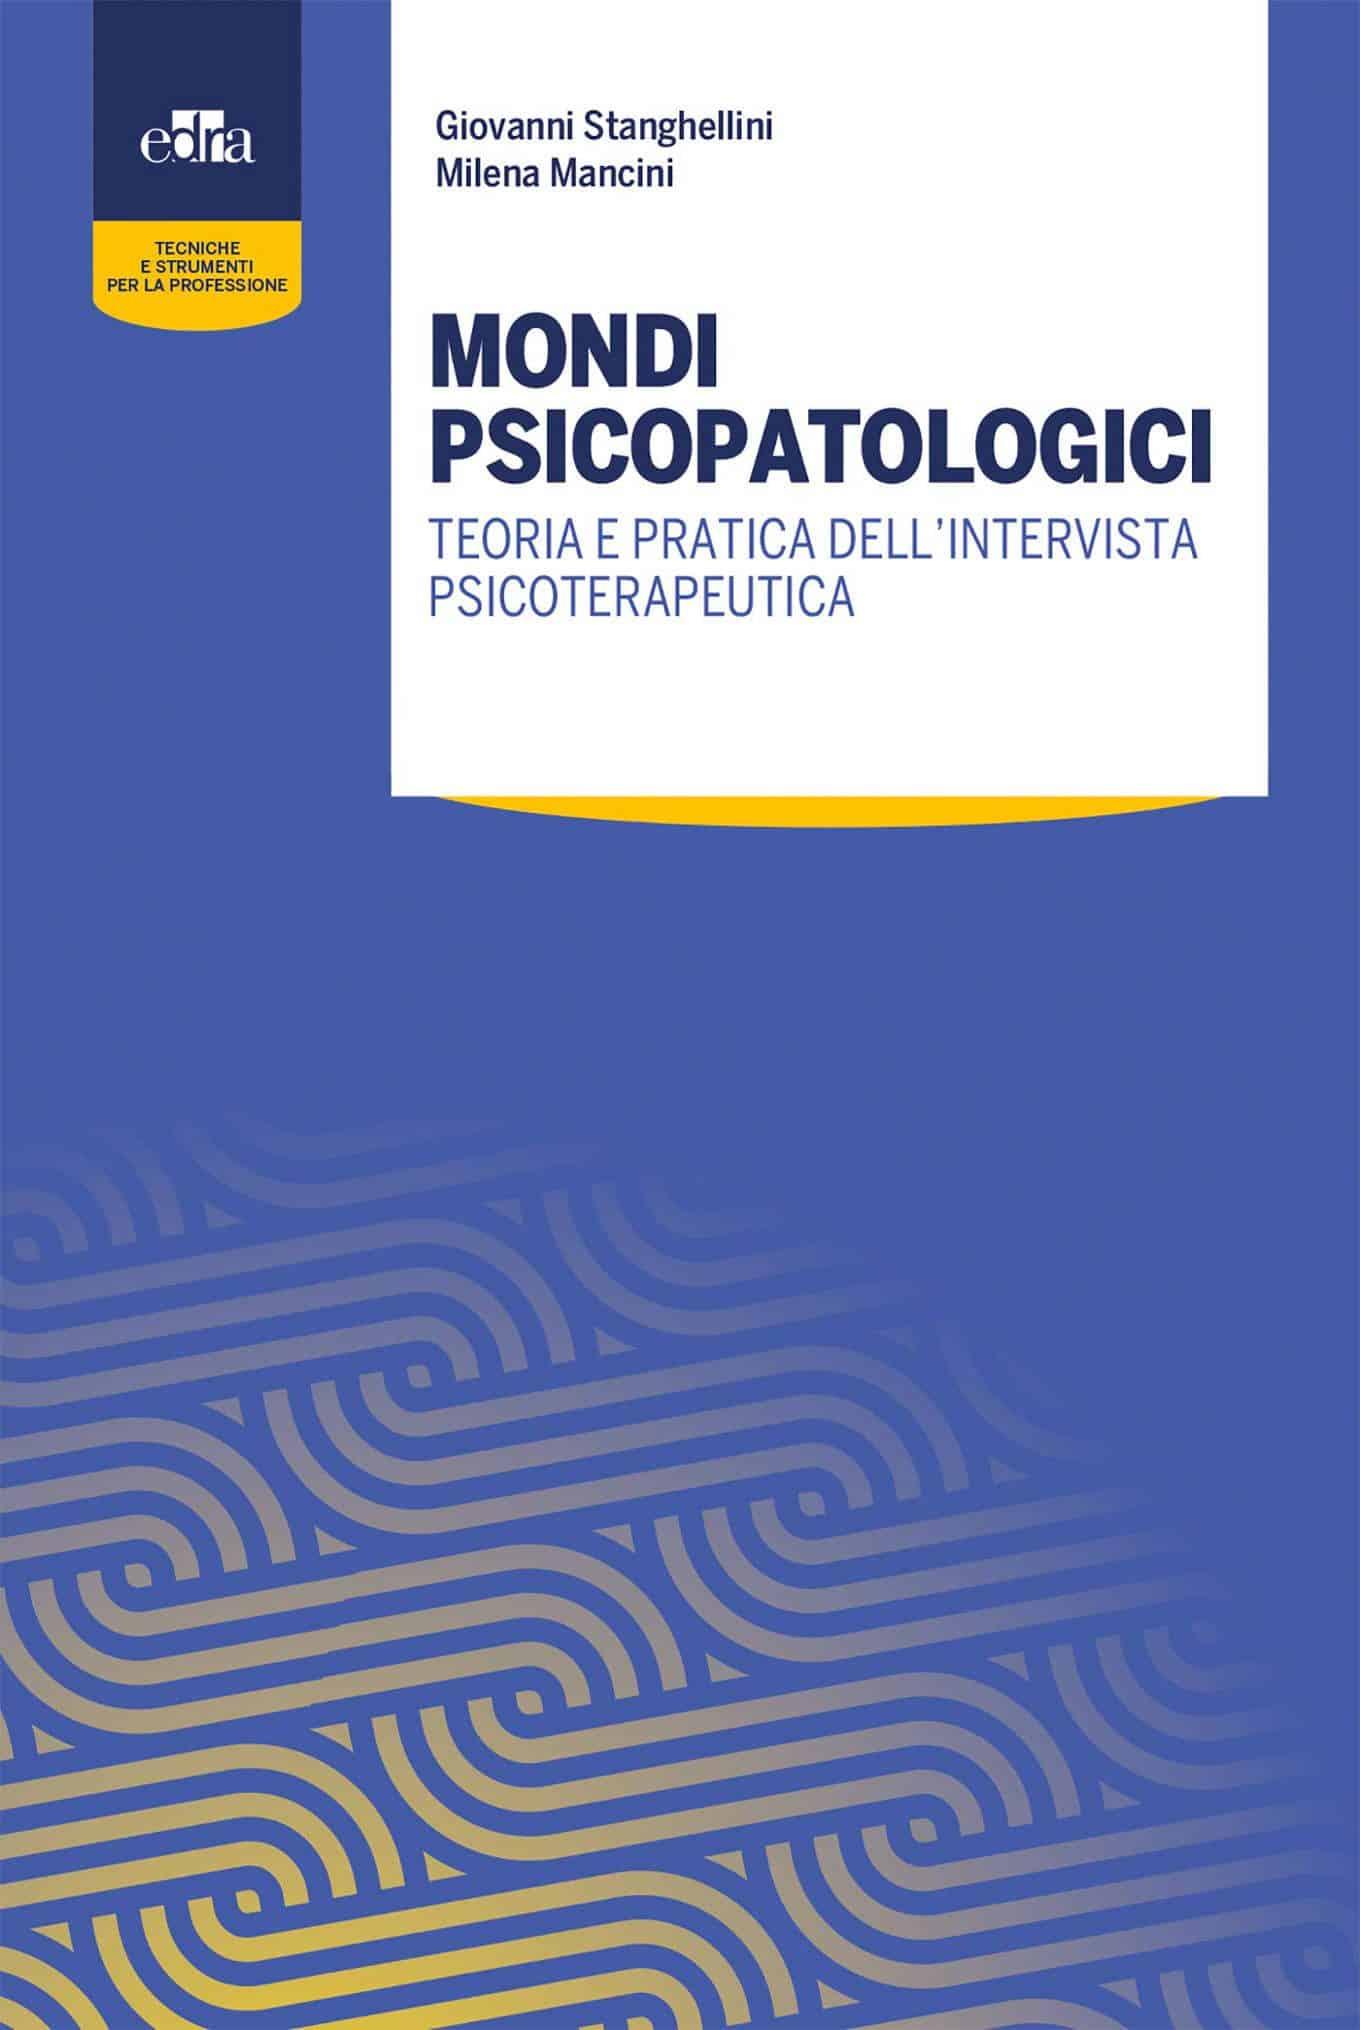 Mondi psicopatologici (2018) di G. Stanghellini e M. Mancini- Recensione del libro